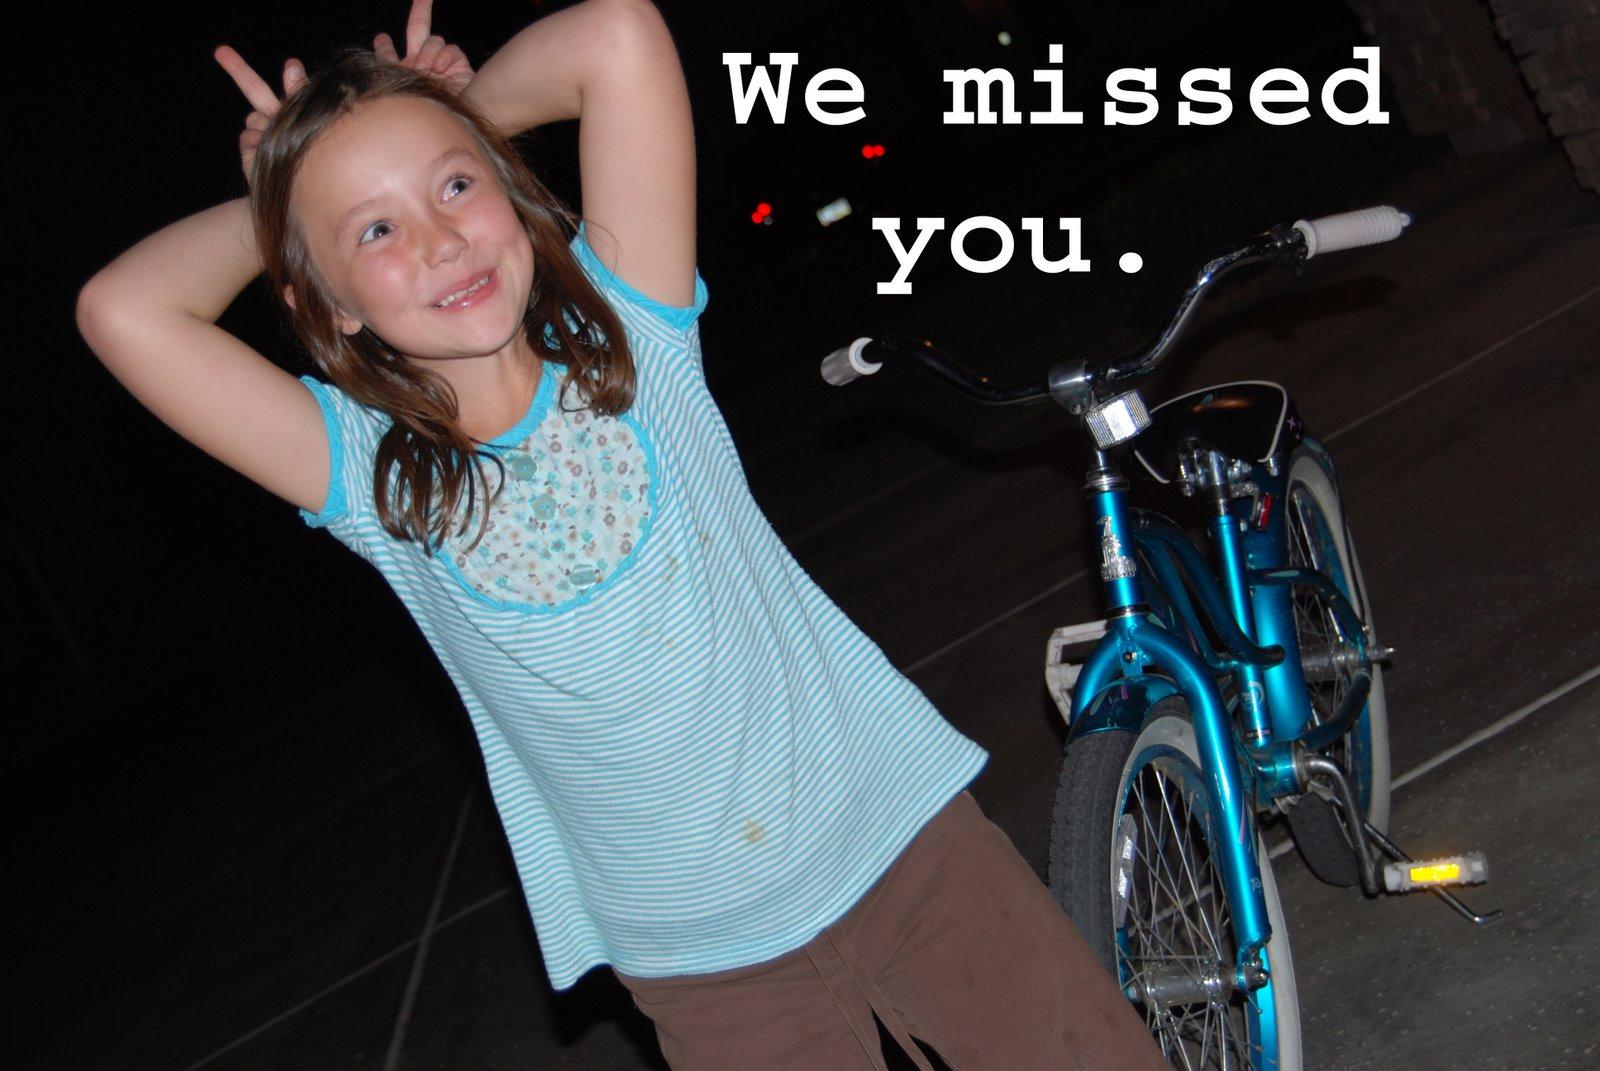 [We+missed+you.jpg]